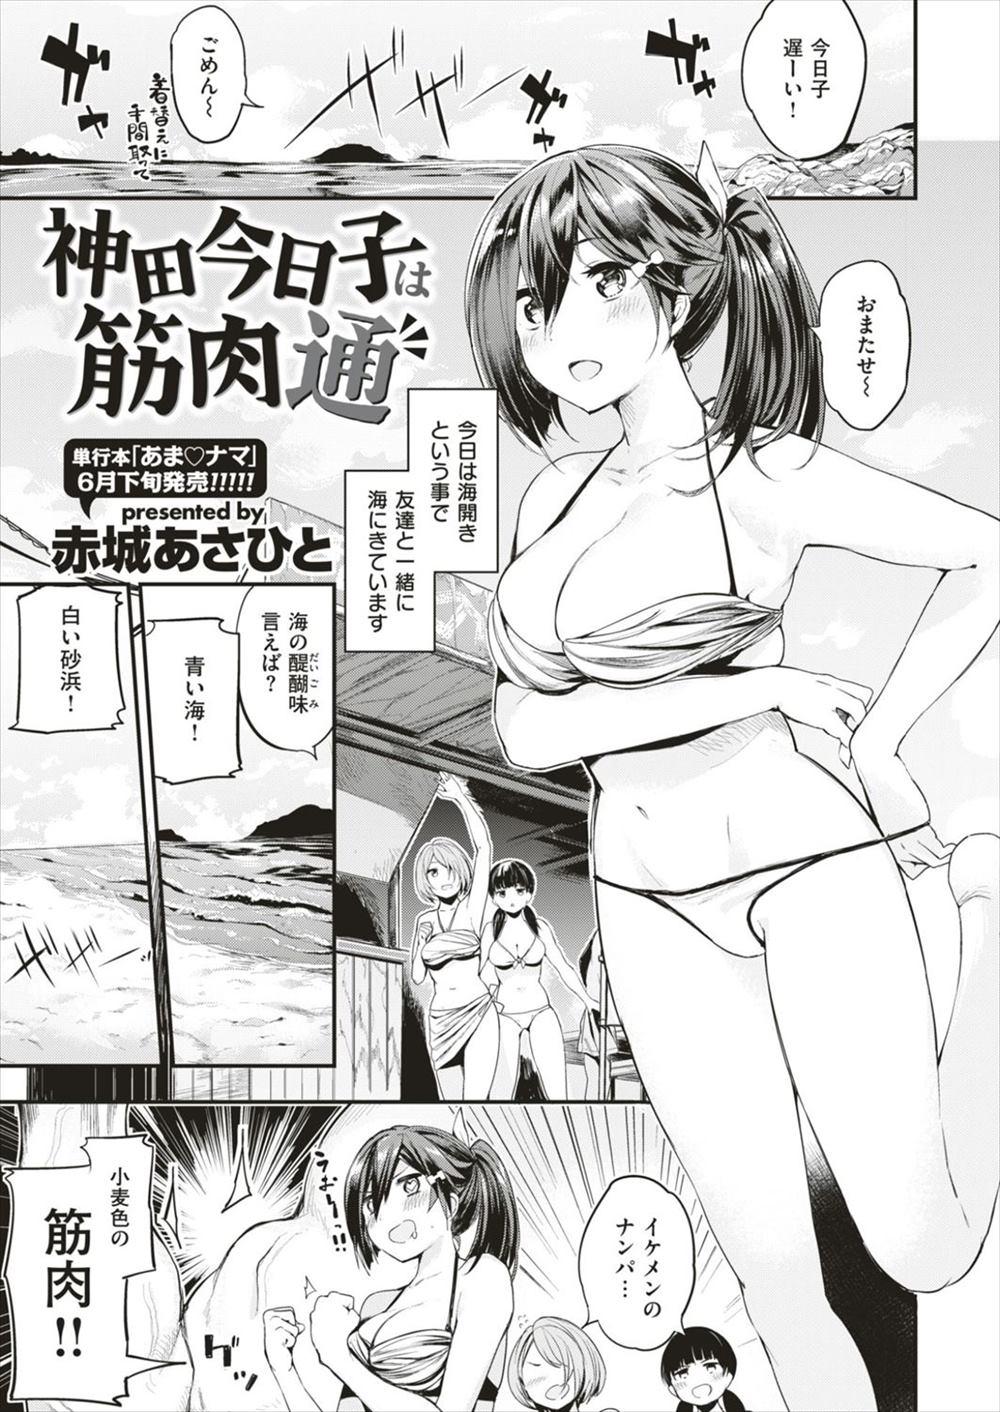 【エロ漫画】海の家でバイト中に筋肉ムキムキ男子に子宮がキュンキュンした女が路地に連れ込み生ハメさせるwwww